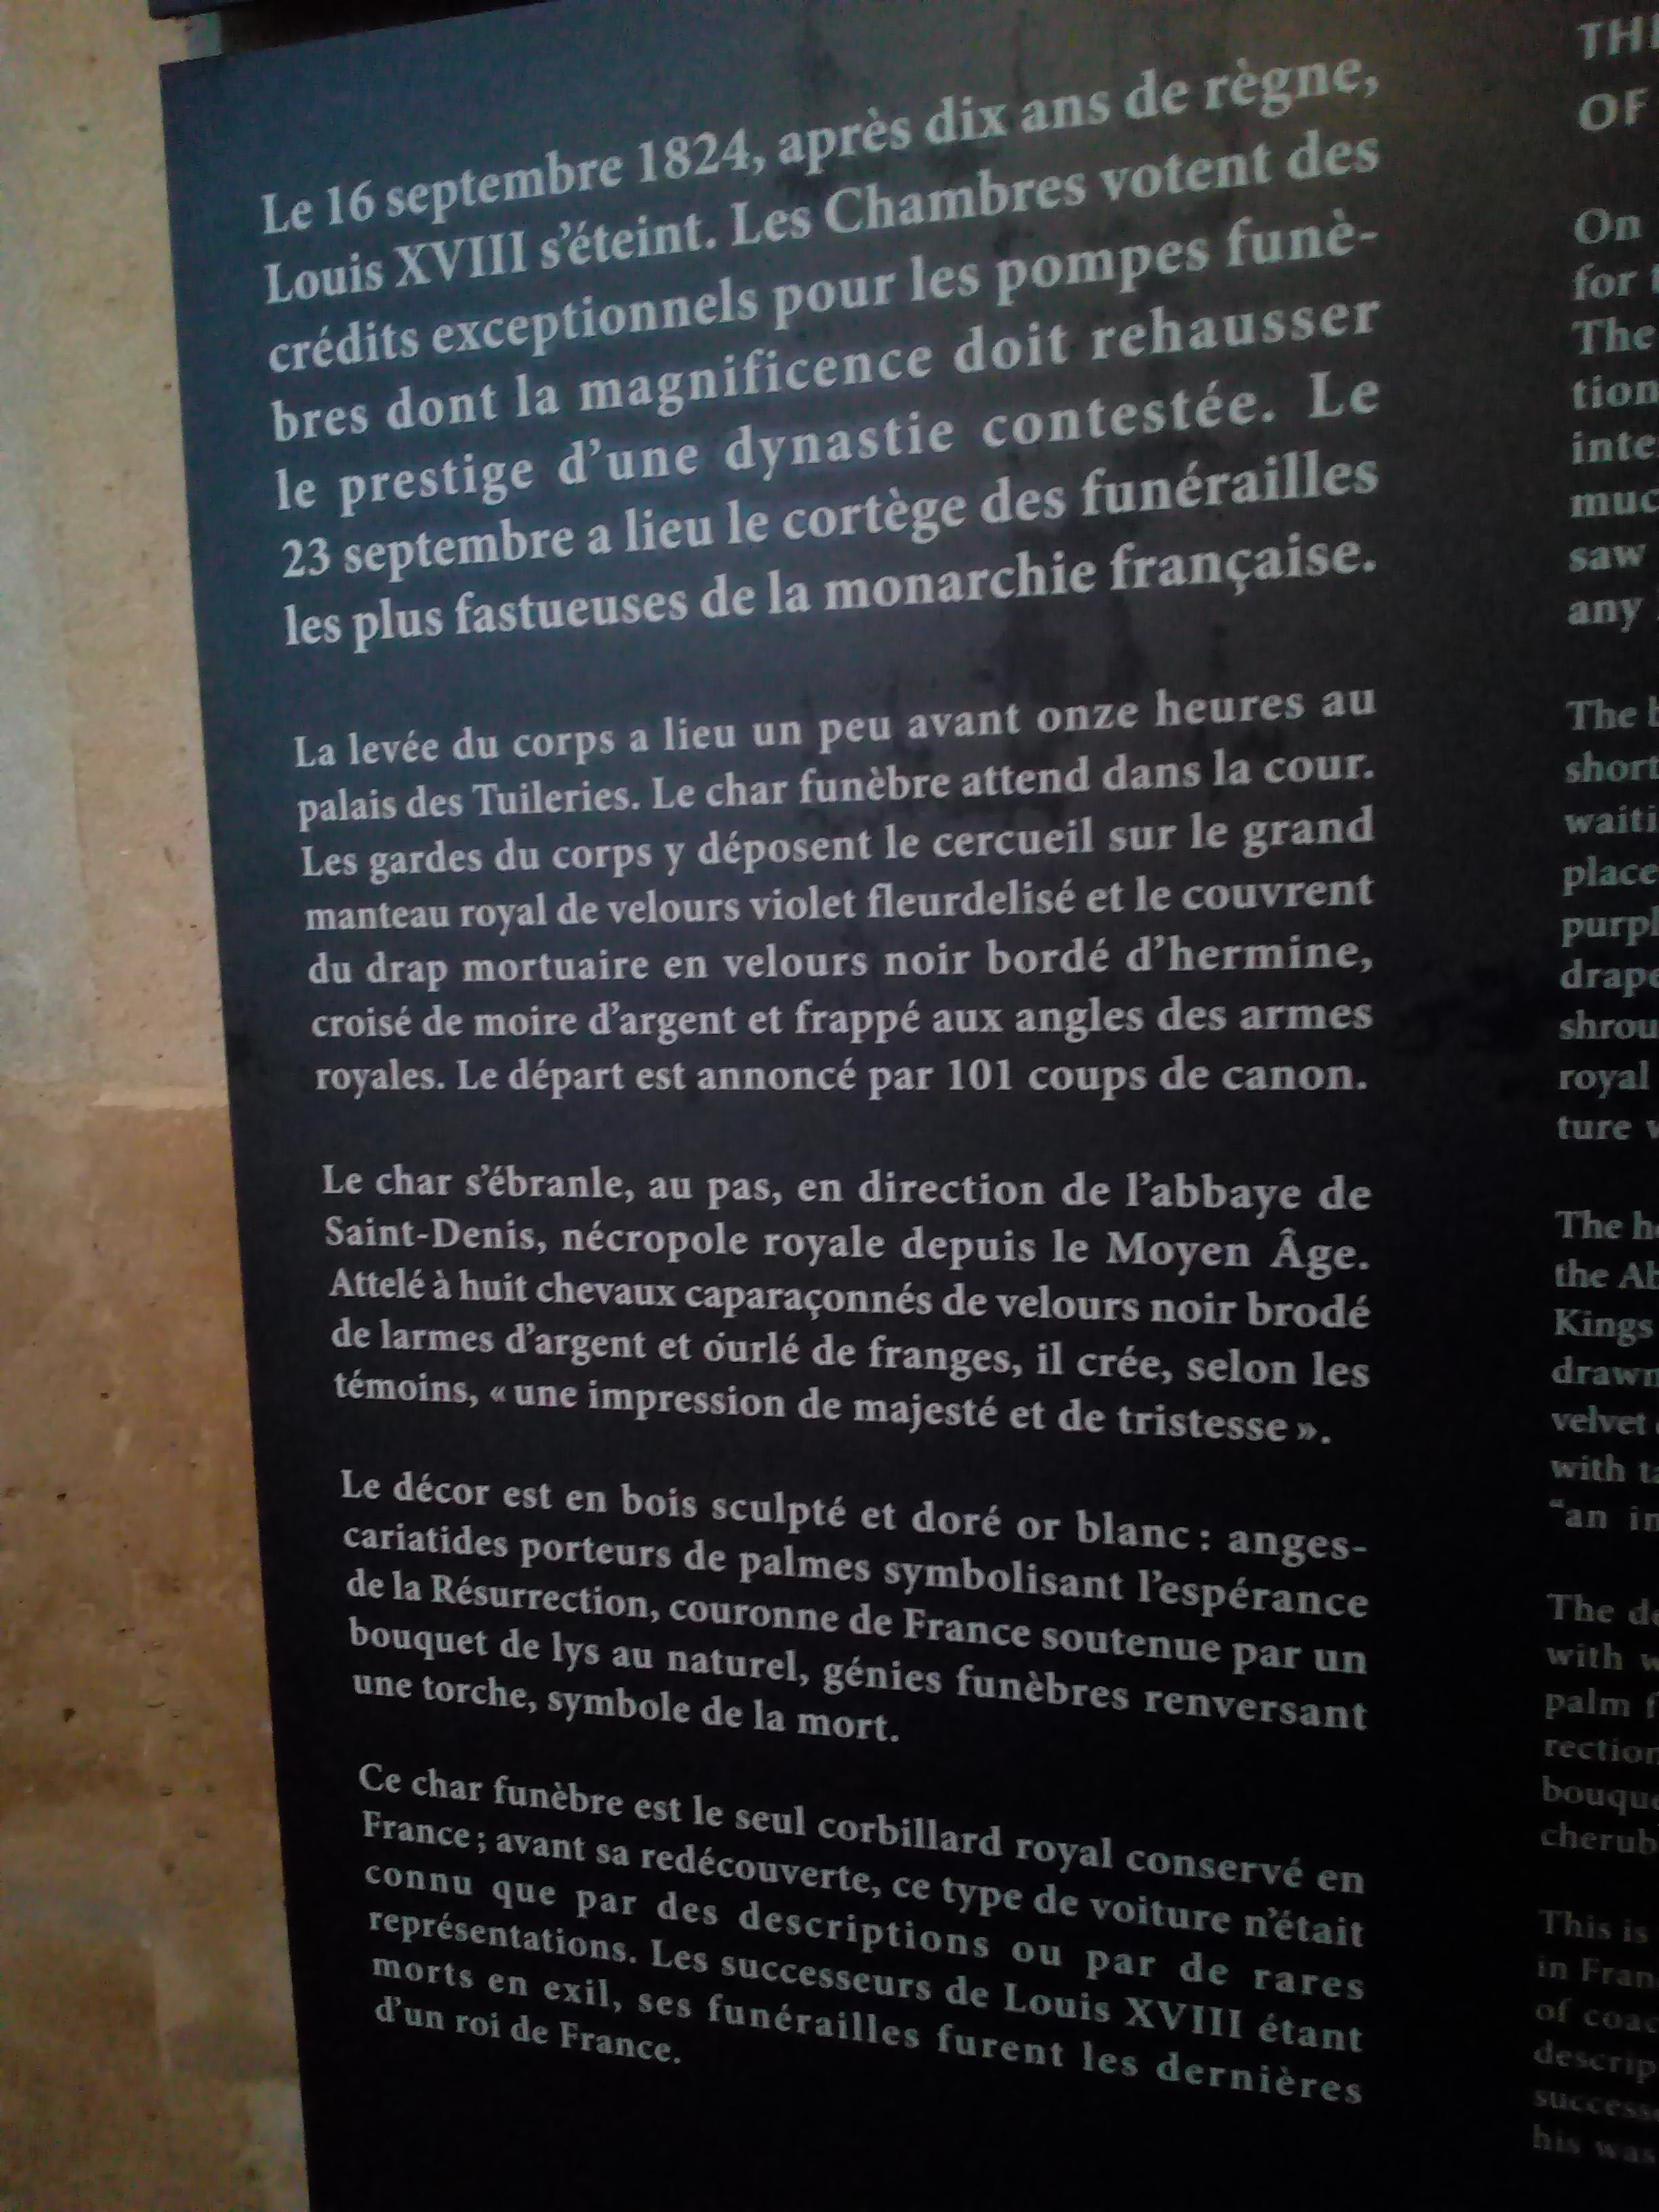 La Galerie des Carrosses du château de Versailles Obsèques de Louis XVIII